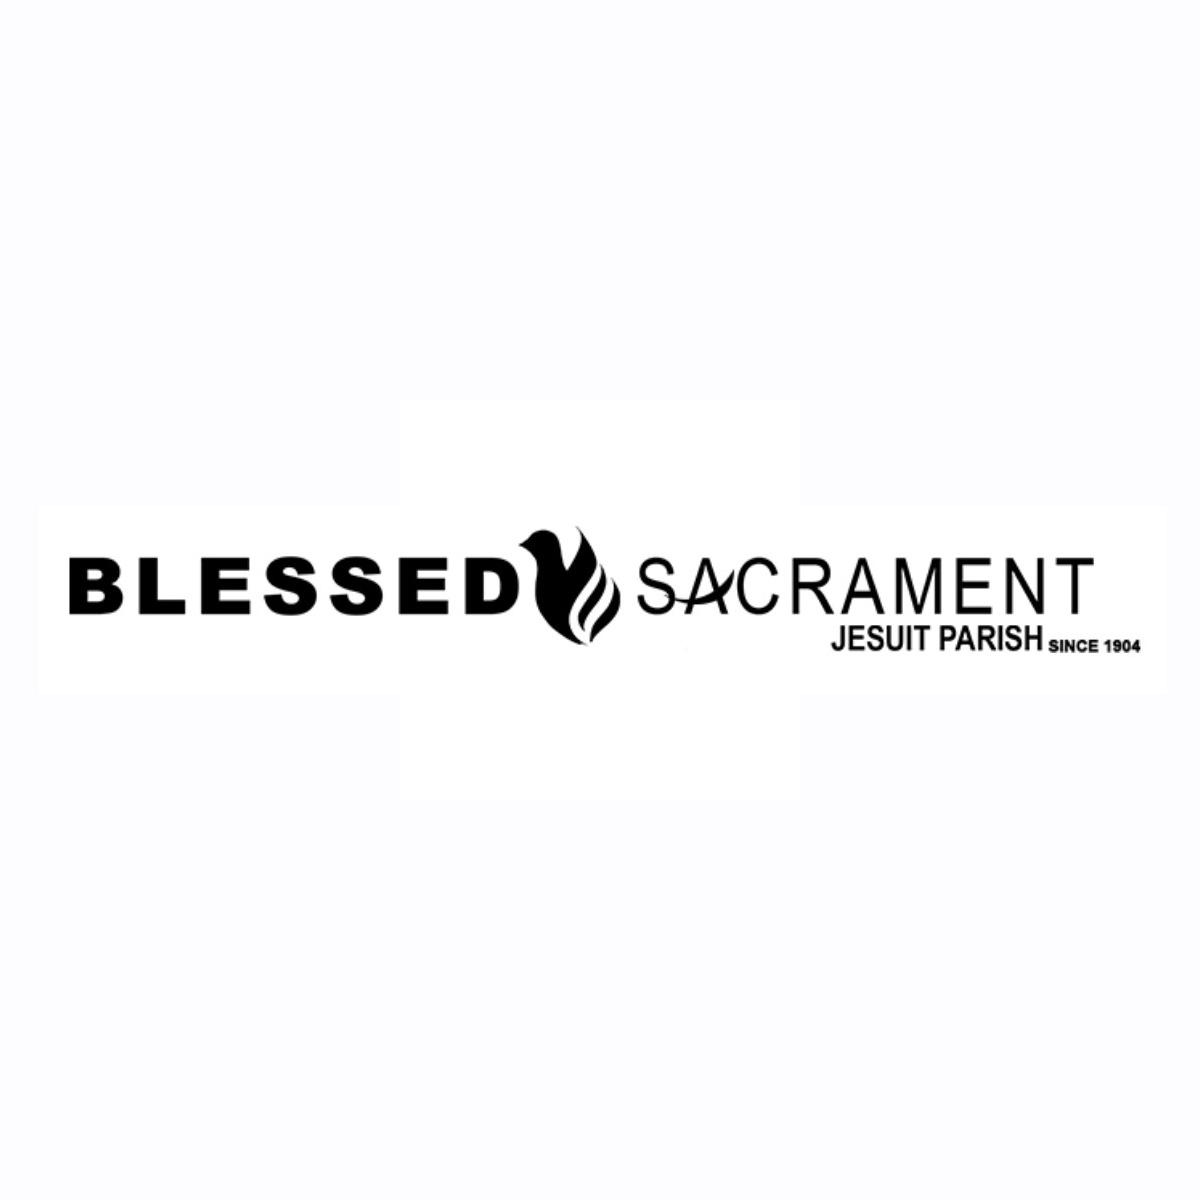 Blessed Sacra400x400.jpg